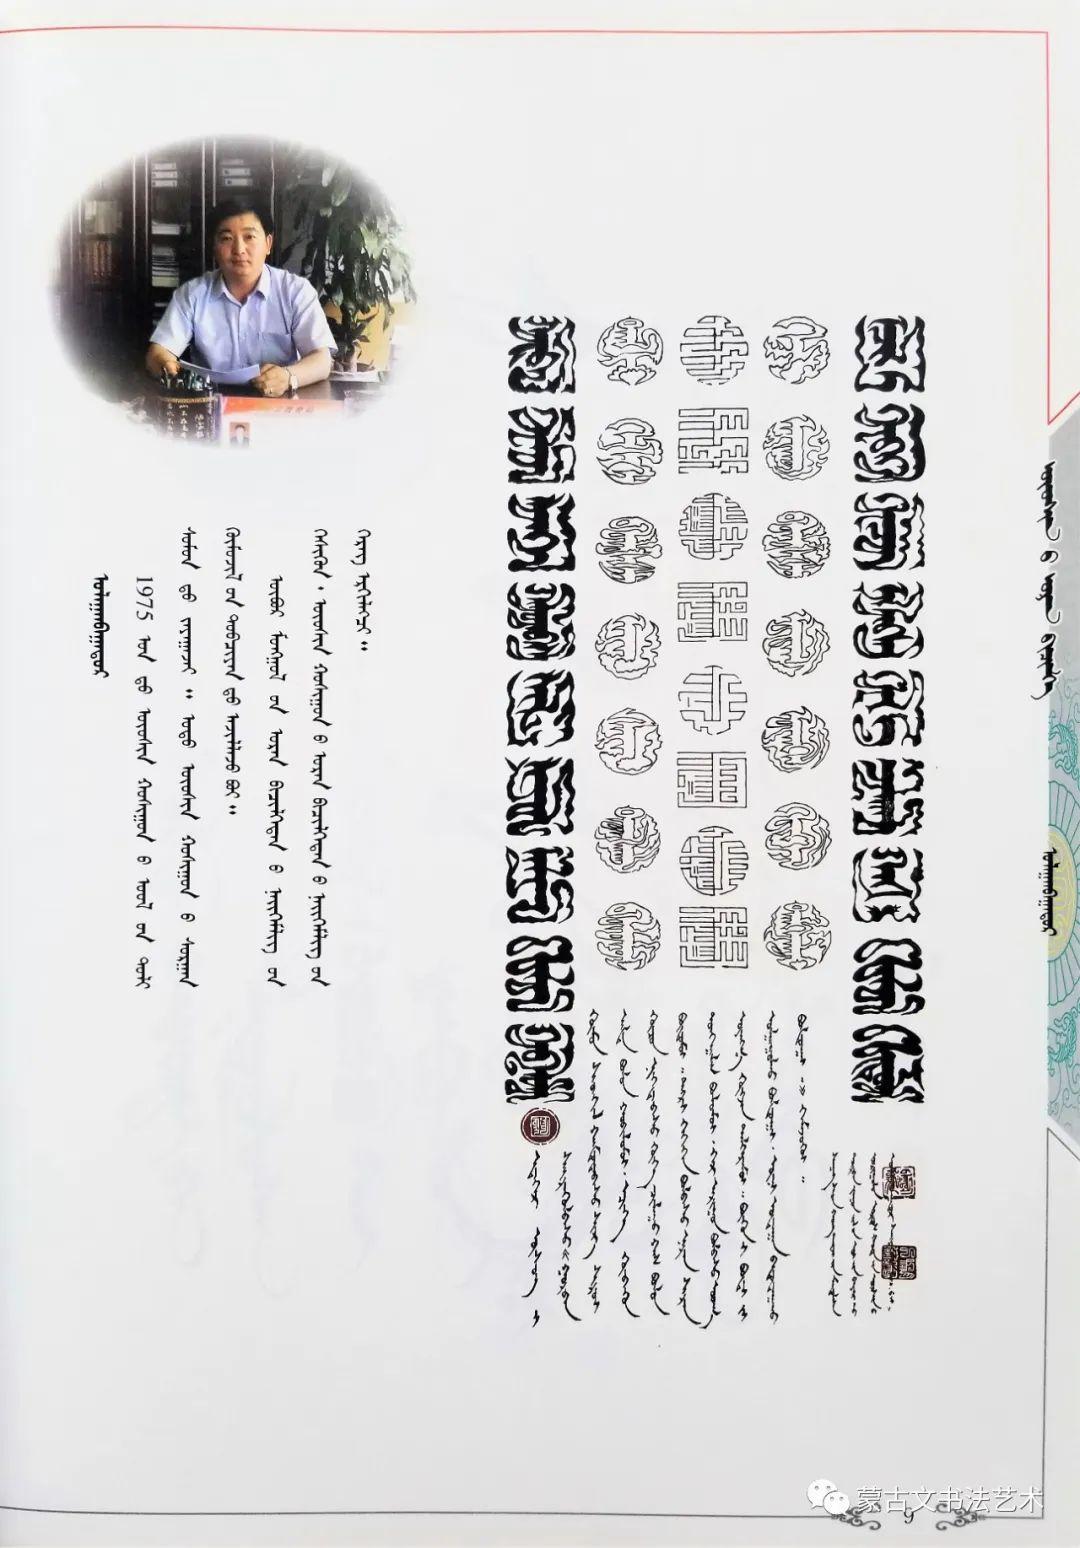 阿拉腾毕力格《乌审旗书法与篆刻精选》 第11张